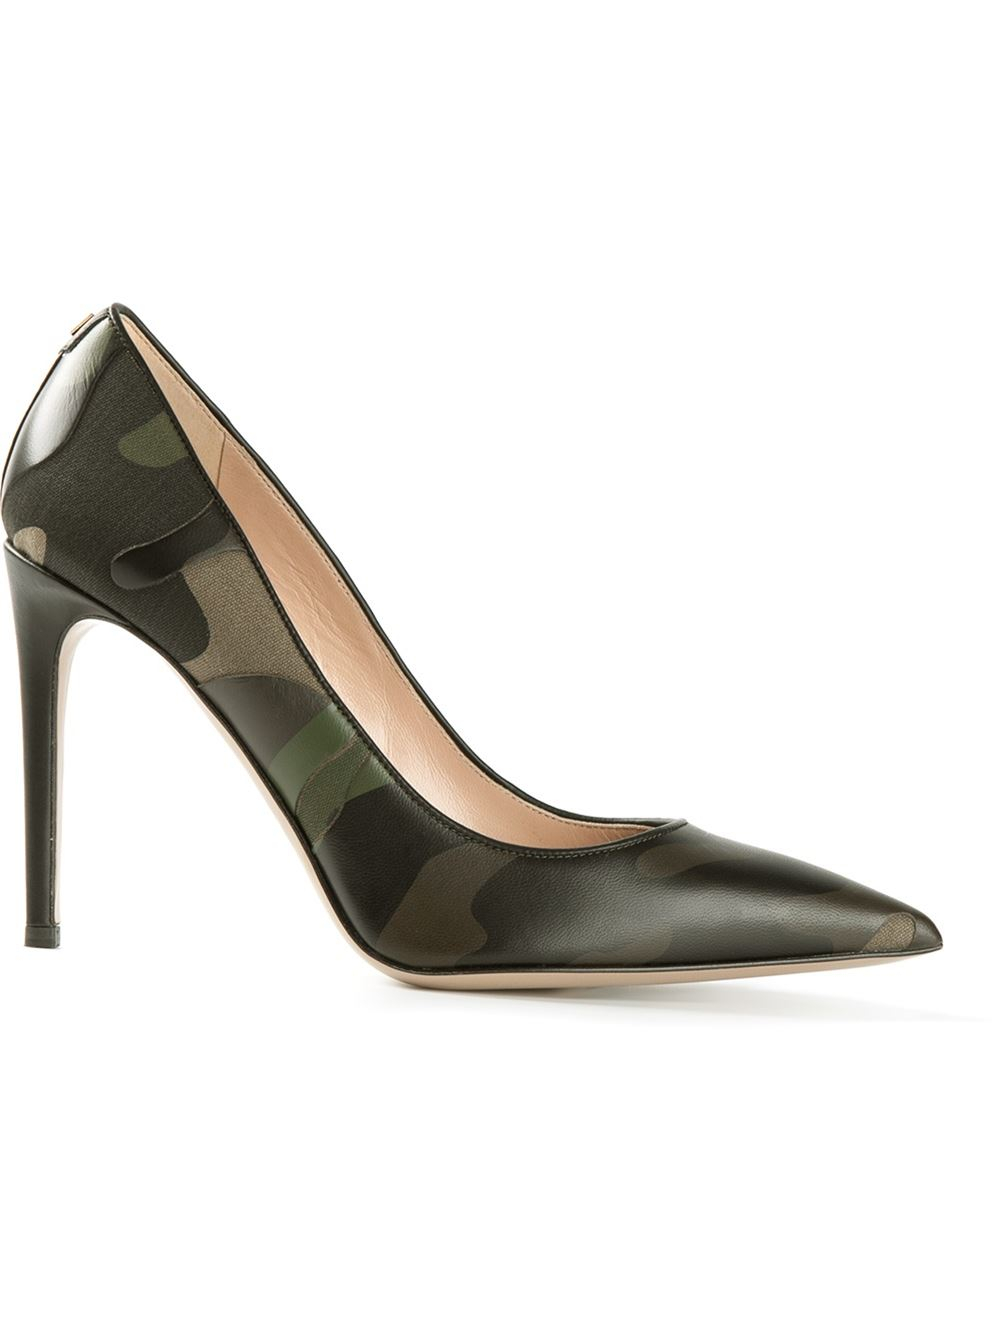 Valentino Style Shoes Uk